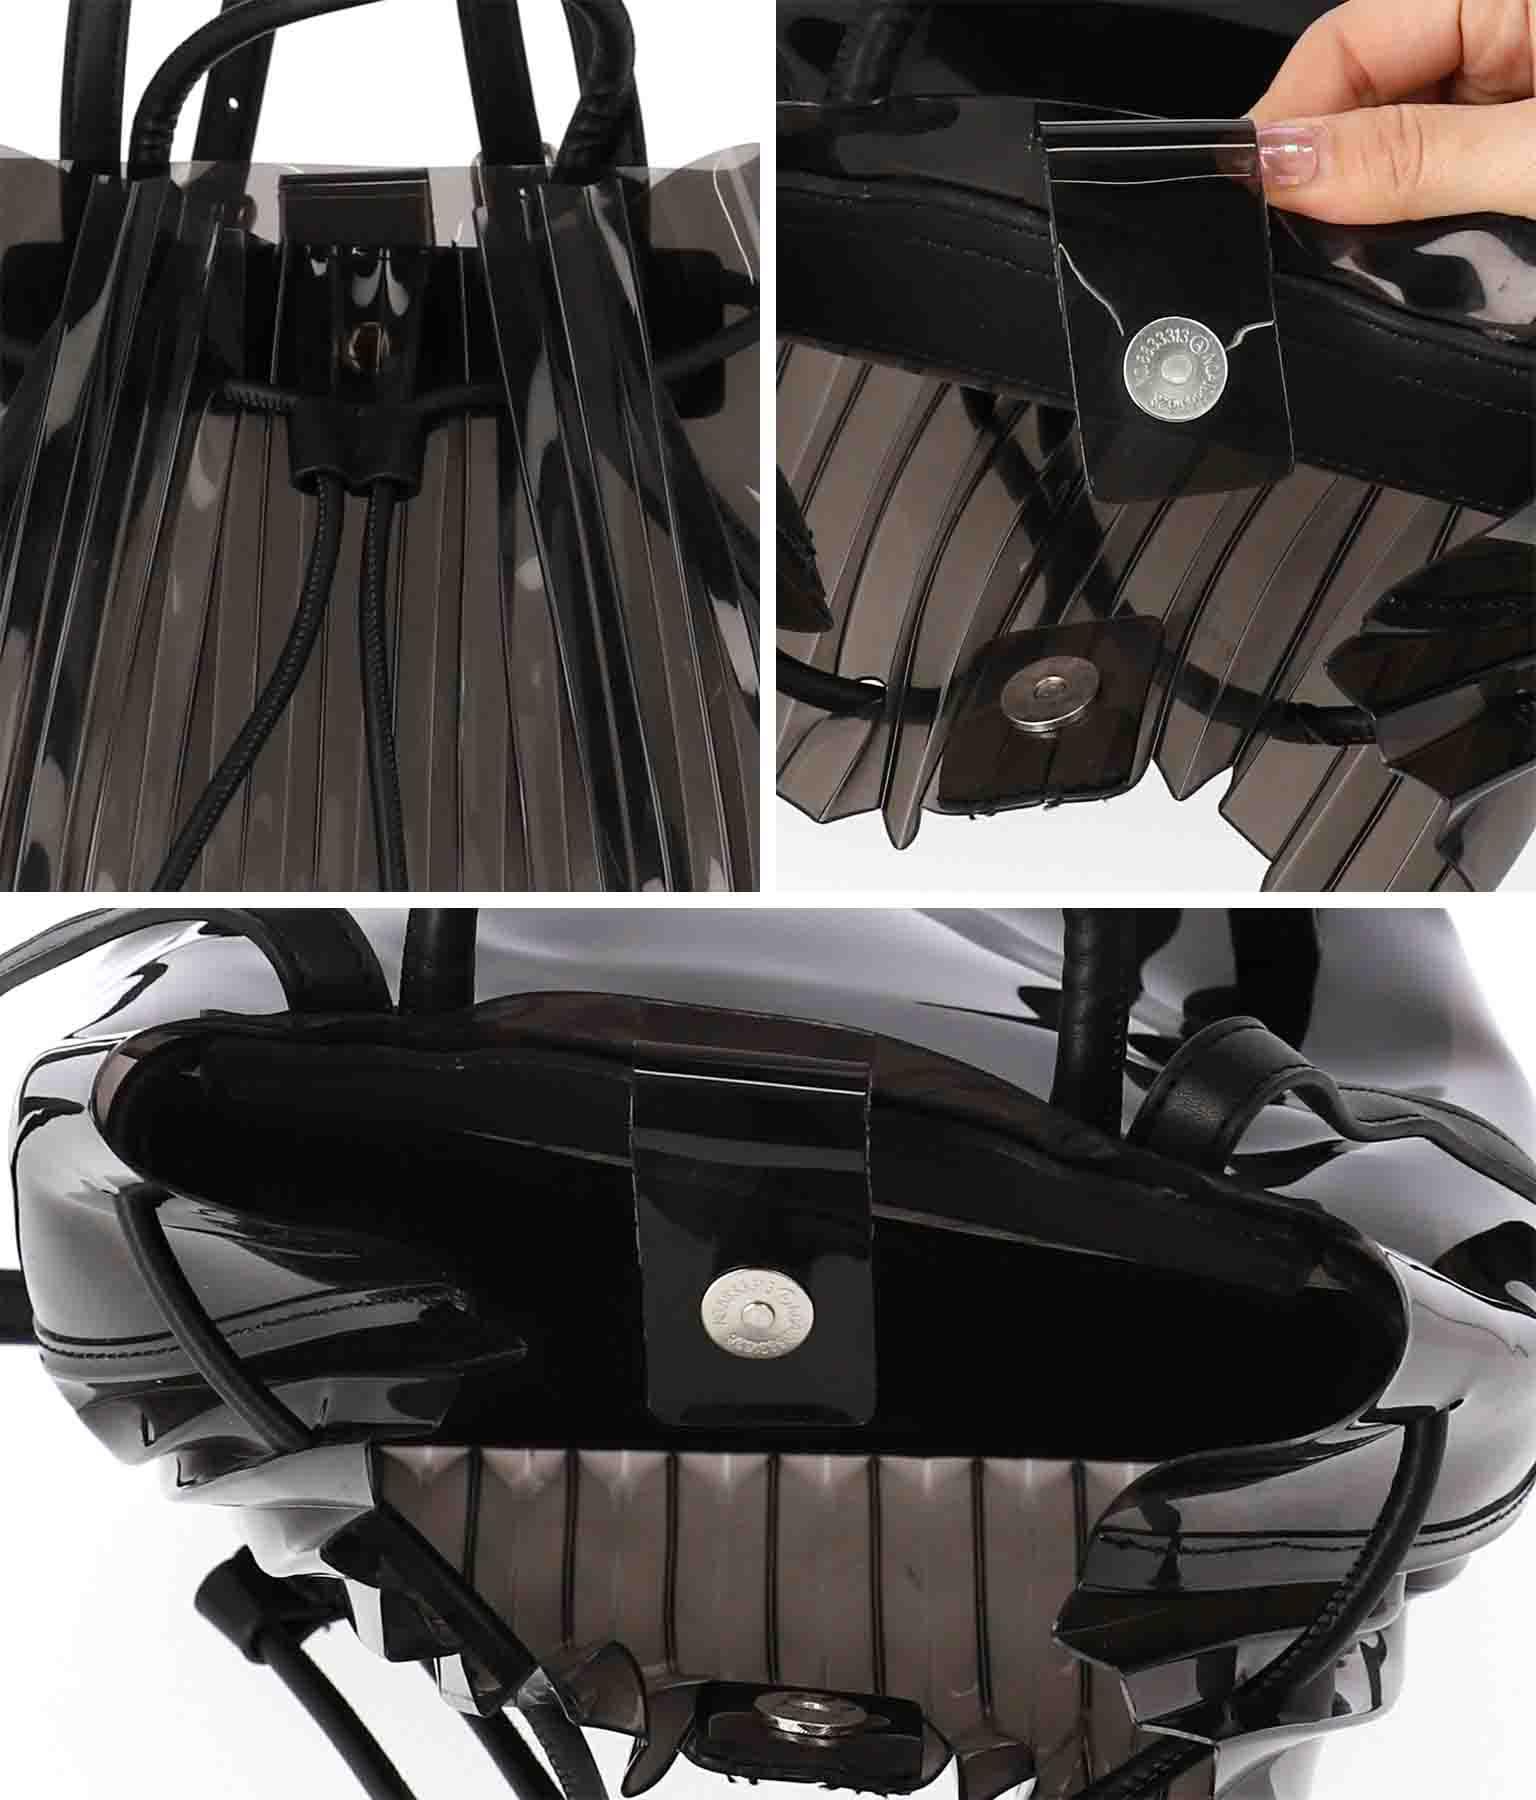 フロントプリーツデザインクリアリュック(バッグ・鞄・小物/クリアバッグ・トートバッグ) | Settimissimo